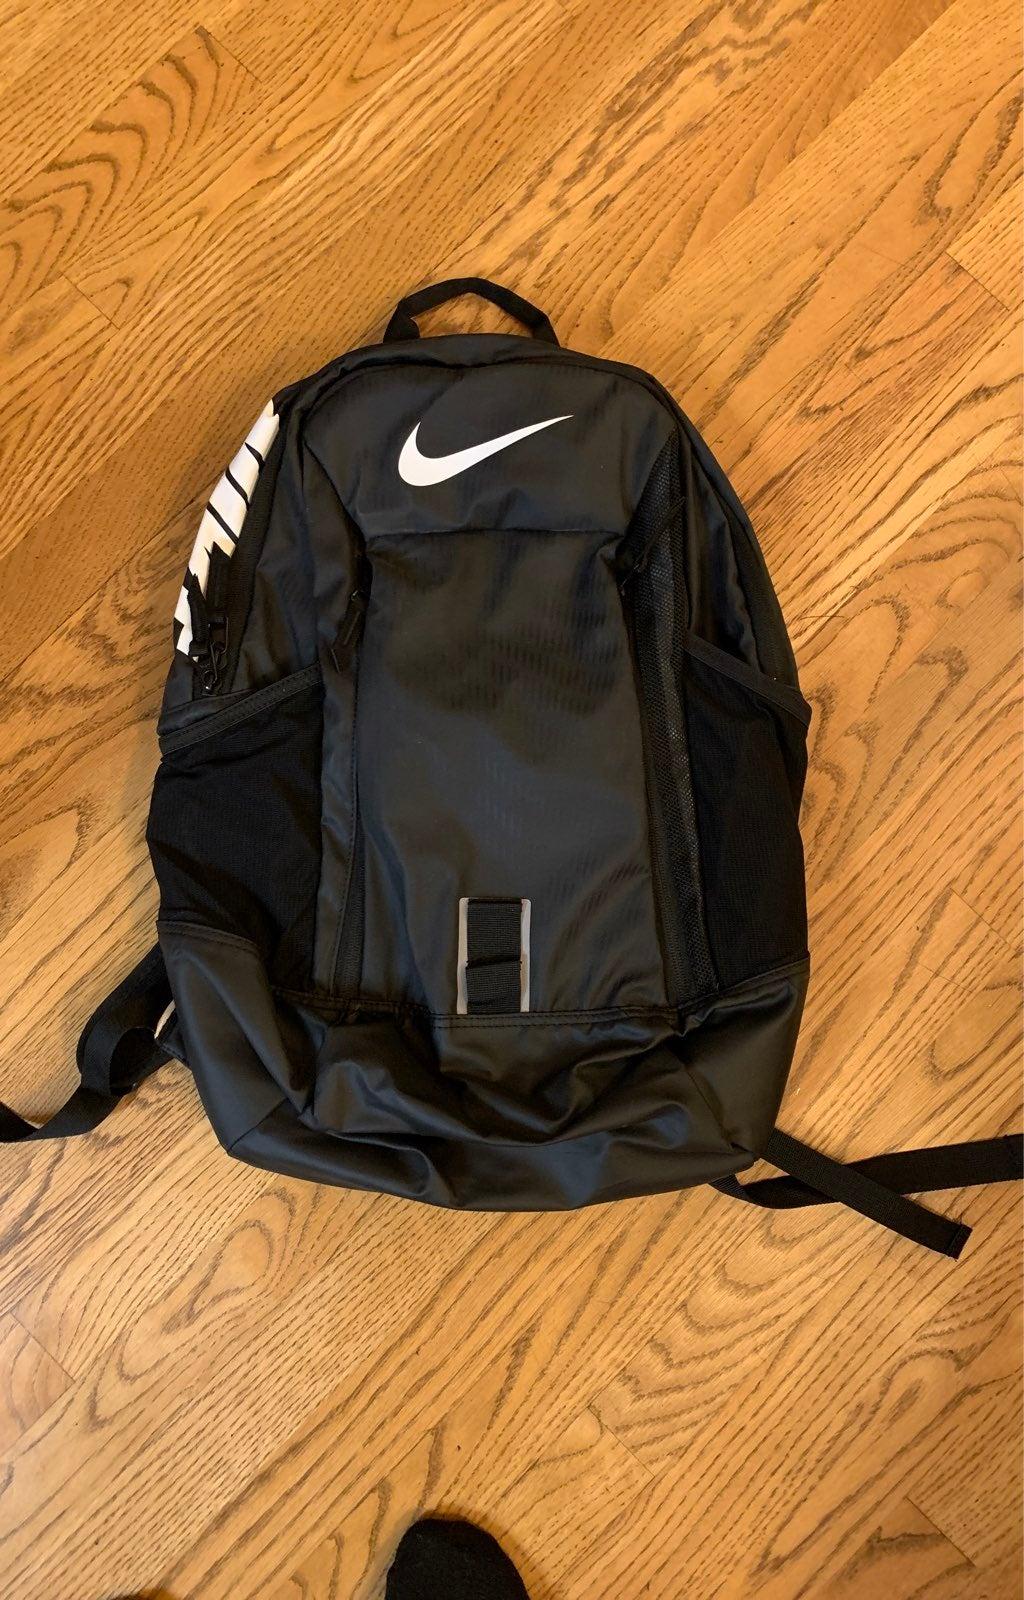 Nike Backpack